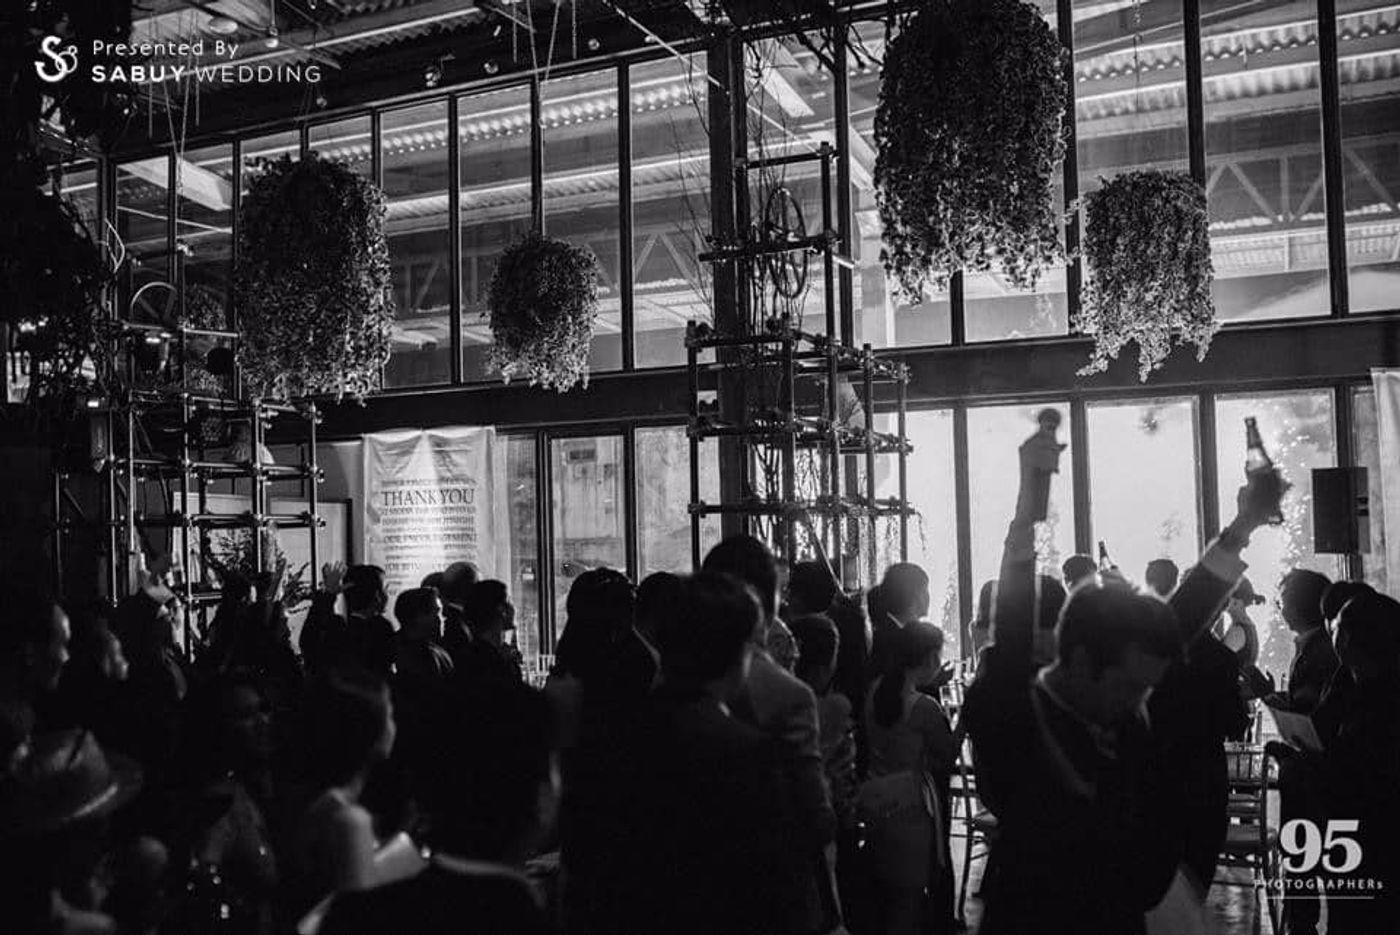 งานแต่งงาน,สถานที่แต่งงาน,สถานที่จัดงานแต่งงาน รีวิวงานแต่ง กิมมิคสนุกทุก Sequence ปังจนเพื่อนยังต้องยกนิ้ว @Vivarium by Chef Ministry